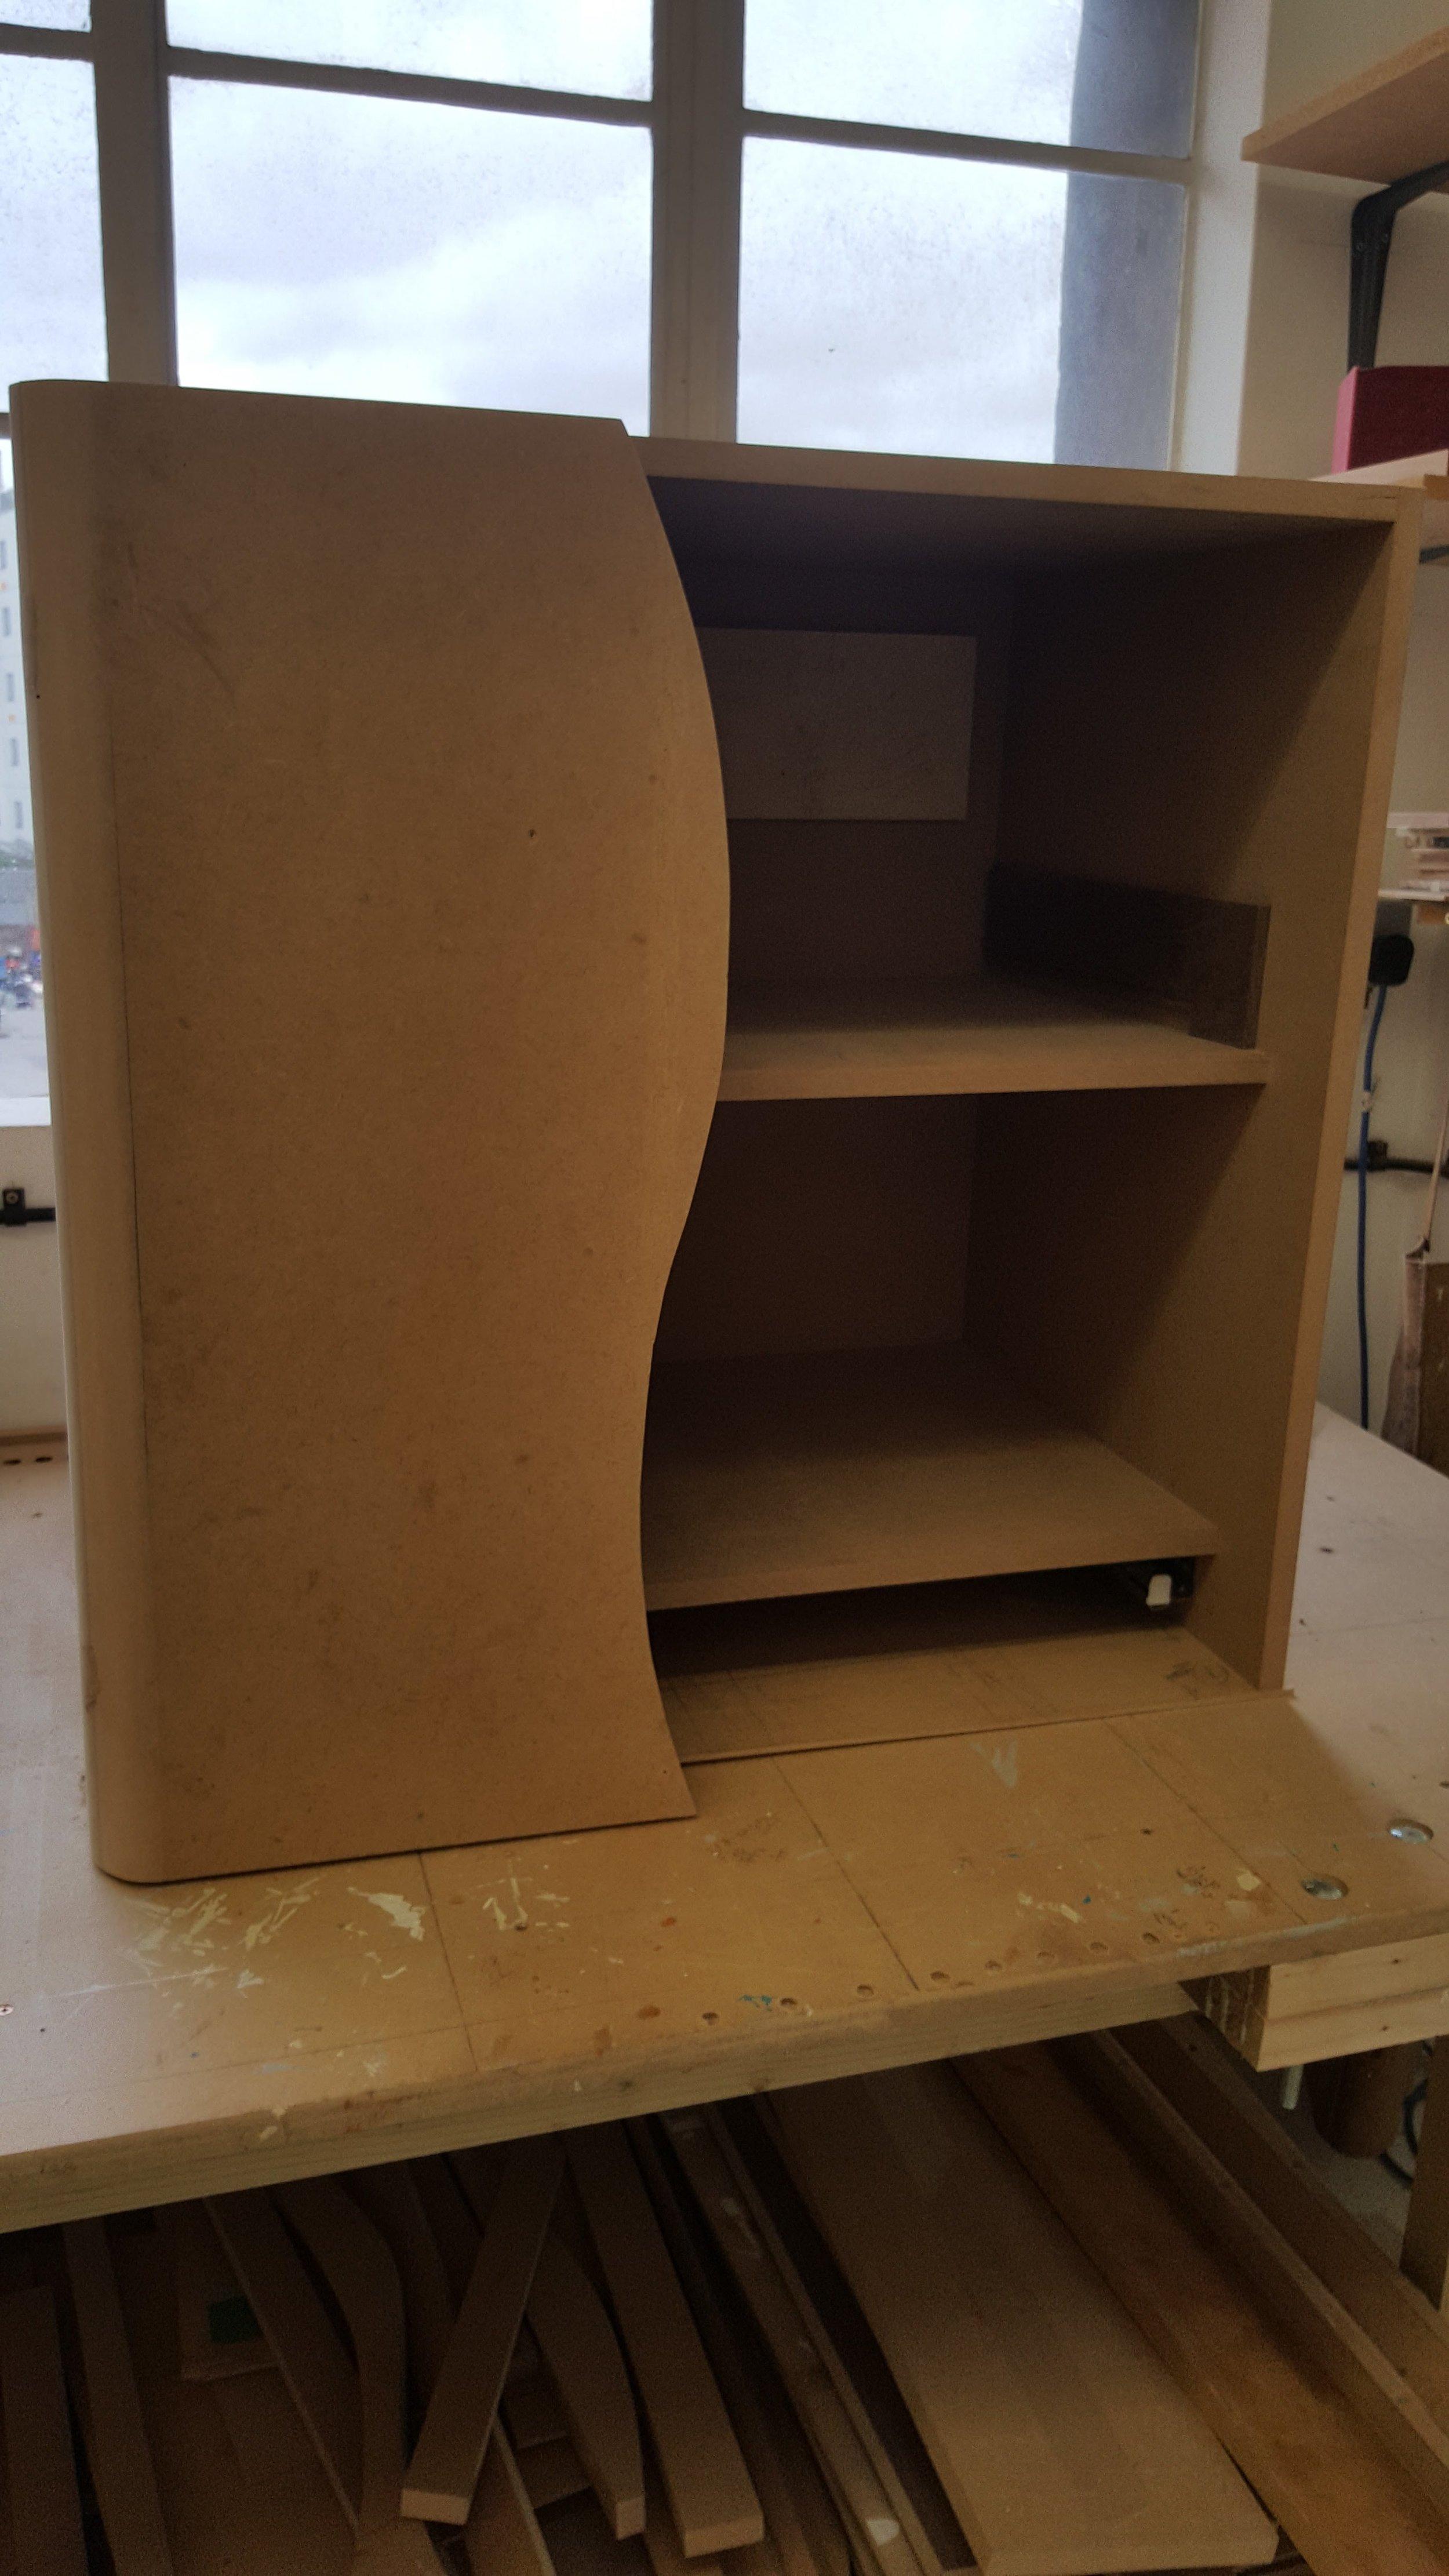 Heliconia_Furniture_door_mockup_front.jpg